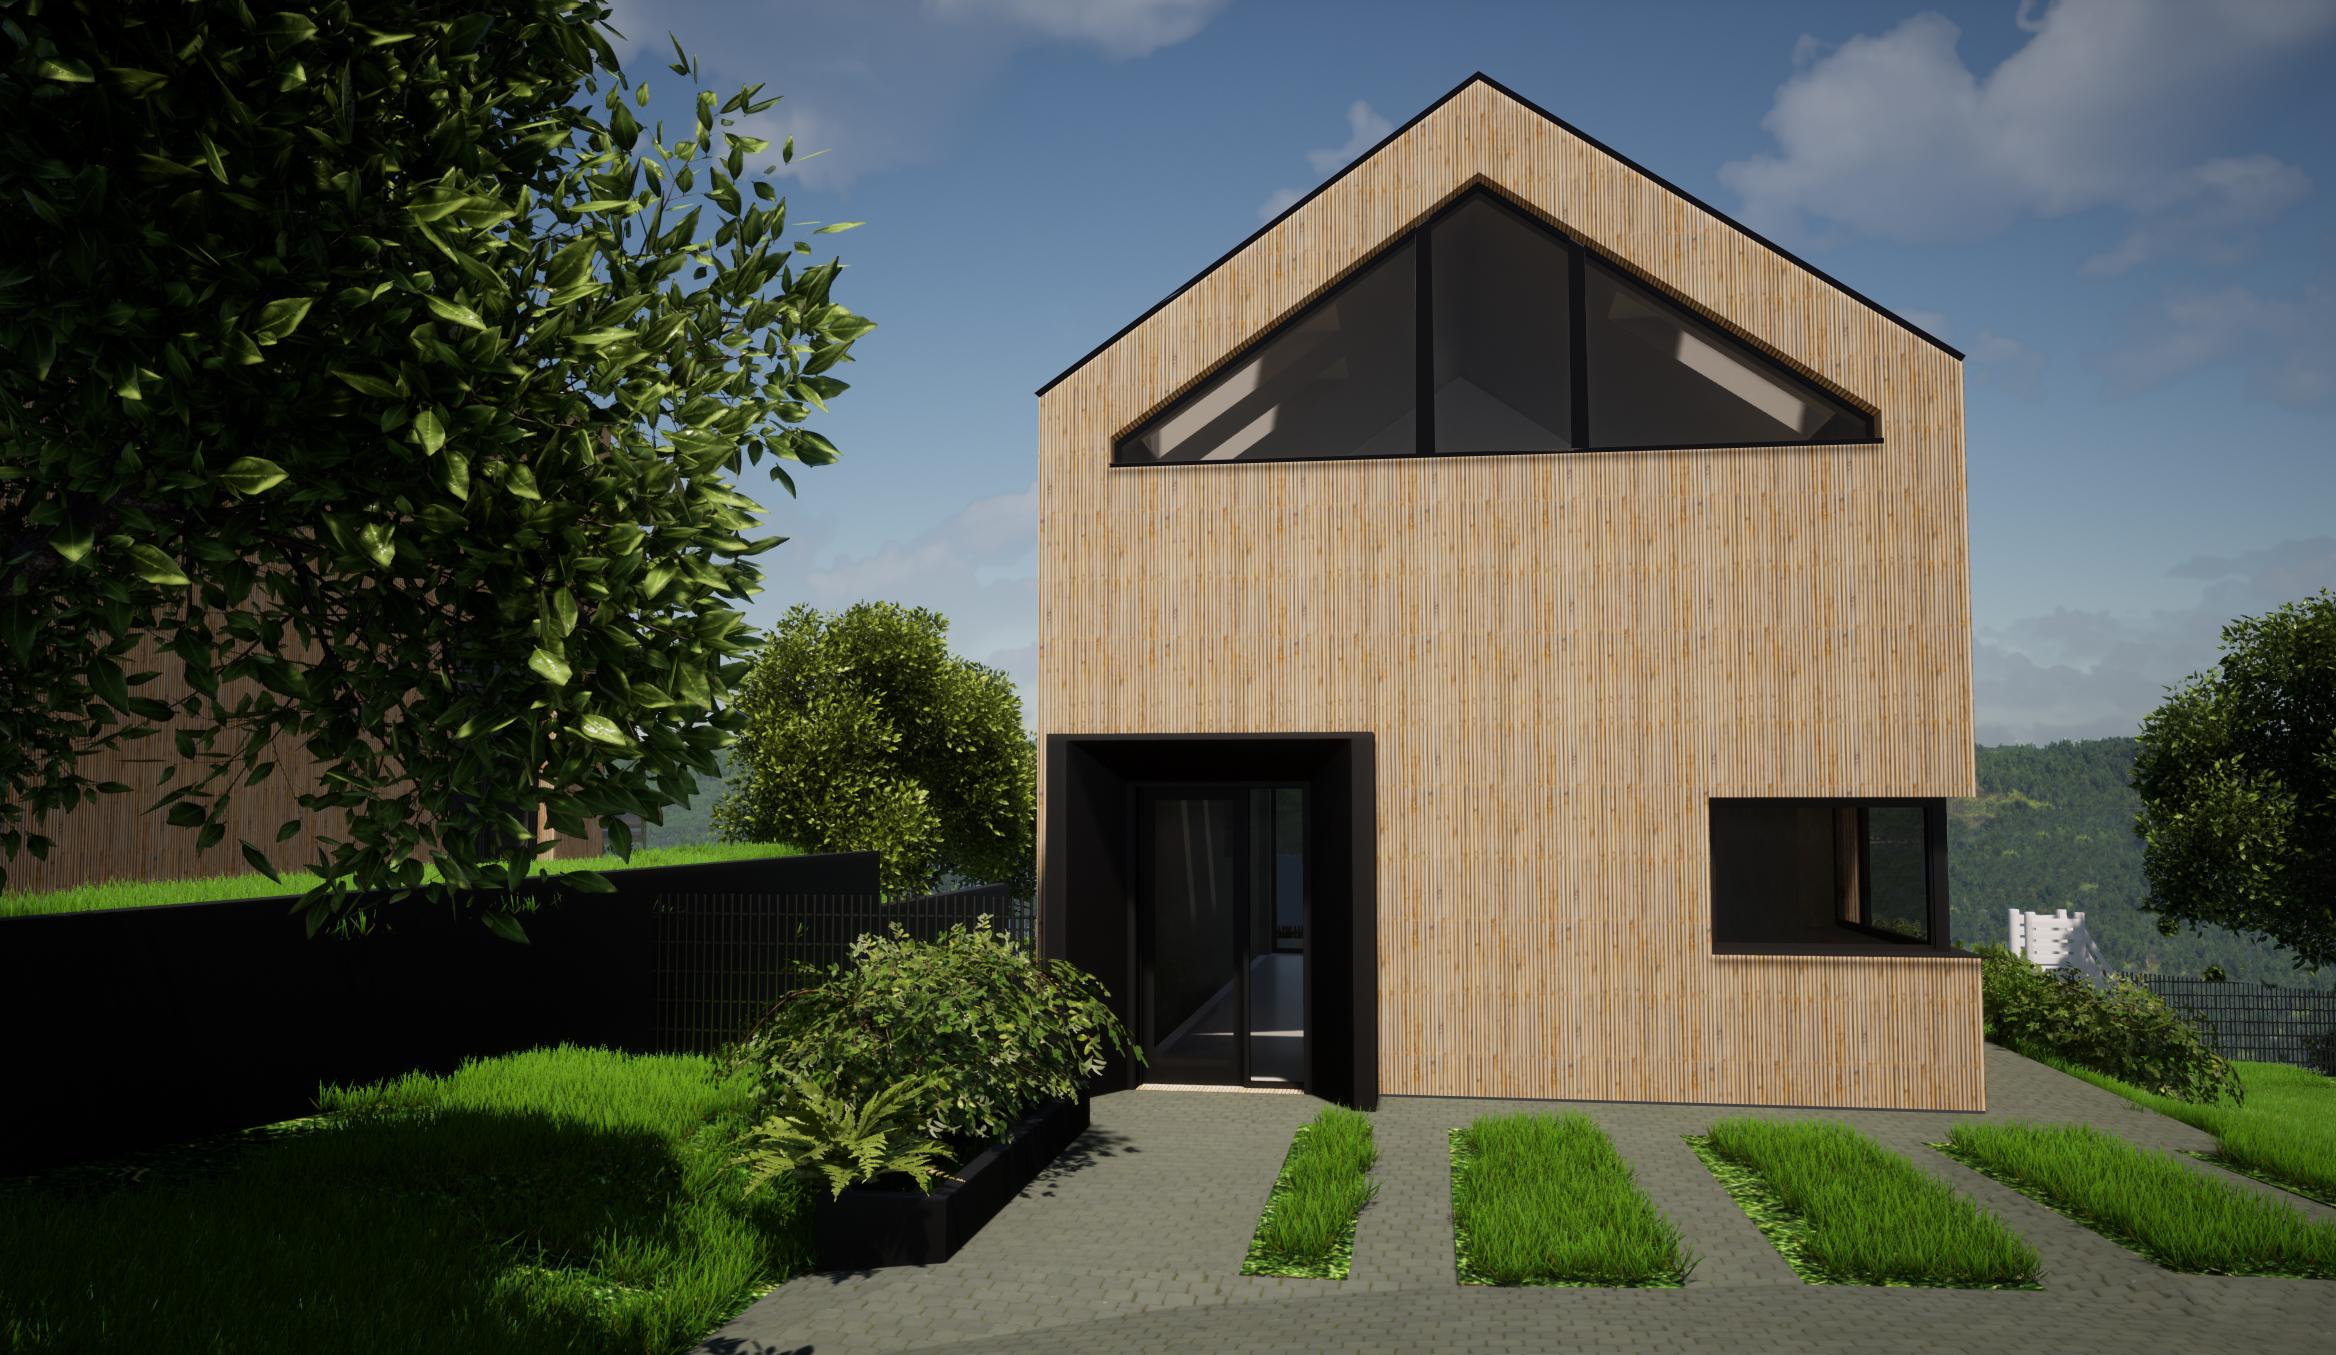 nemovitost vilový dům jakubinka